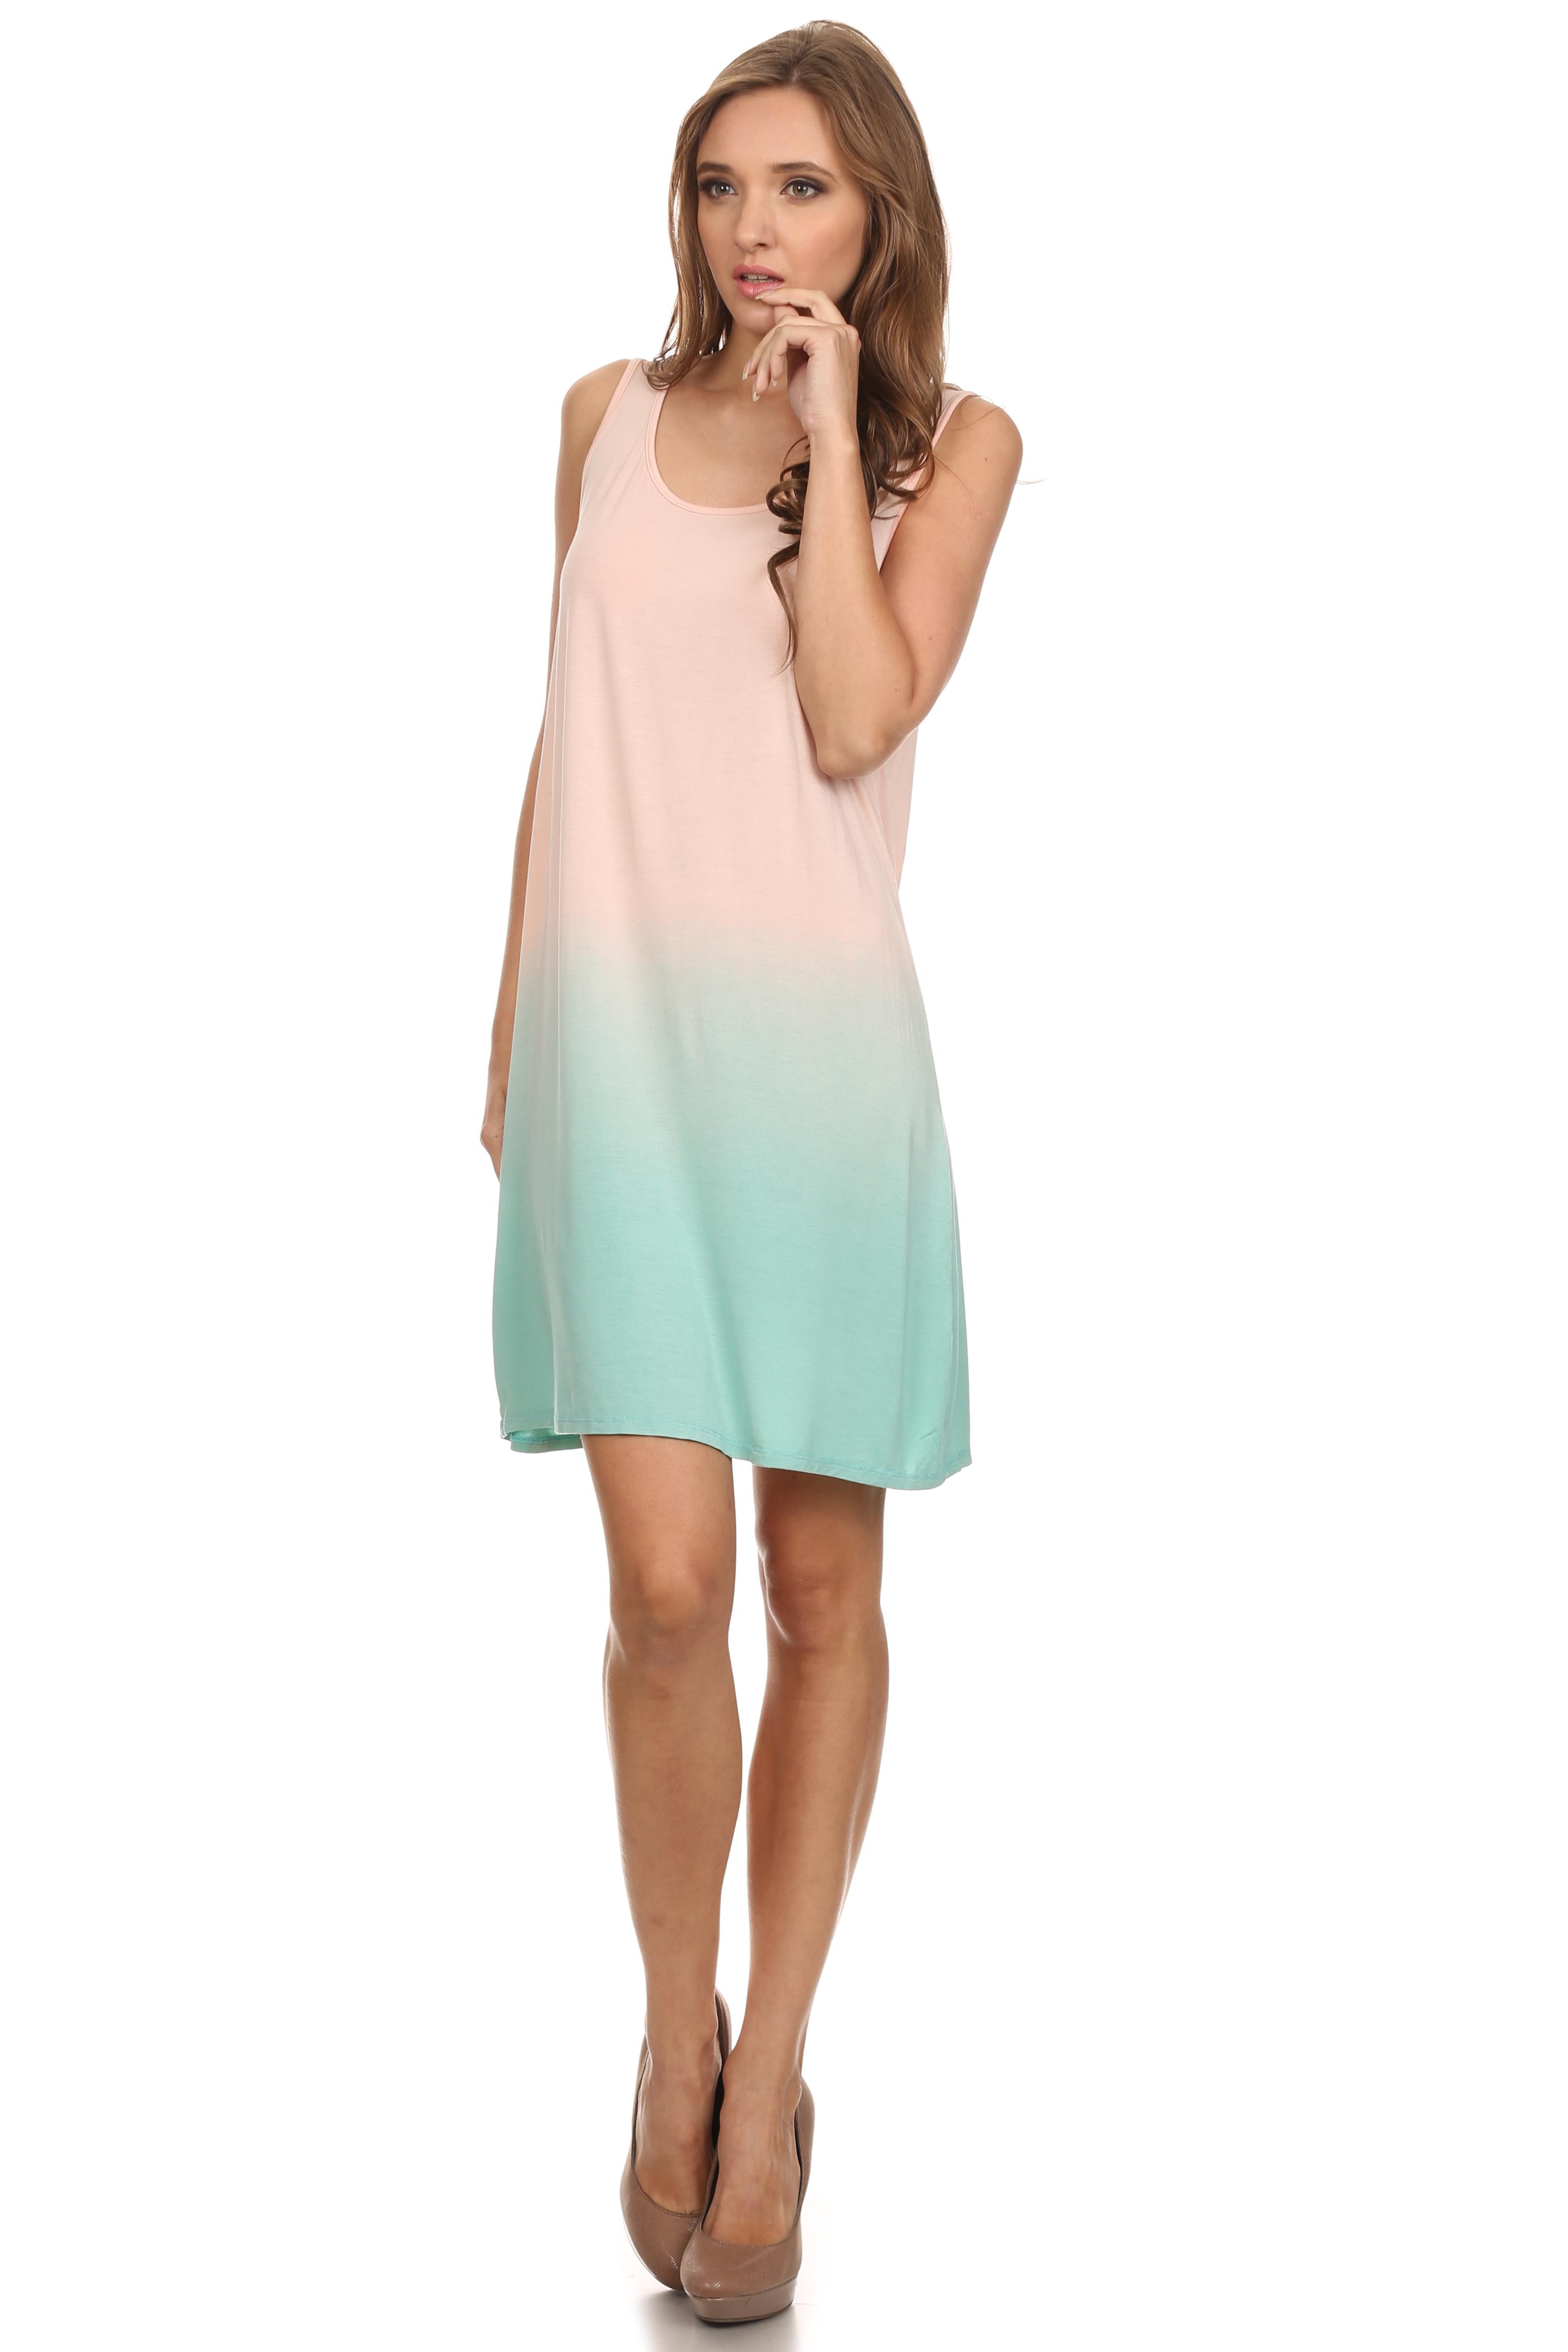 Long Tunic Tank Top for Women Tie Dye Loose fit Modal ...